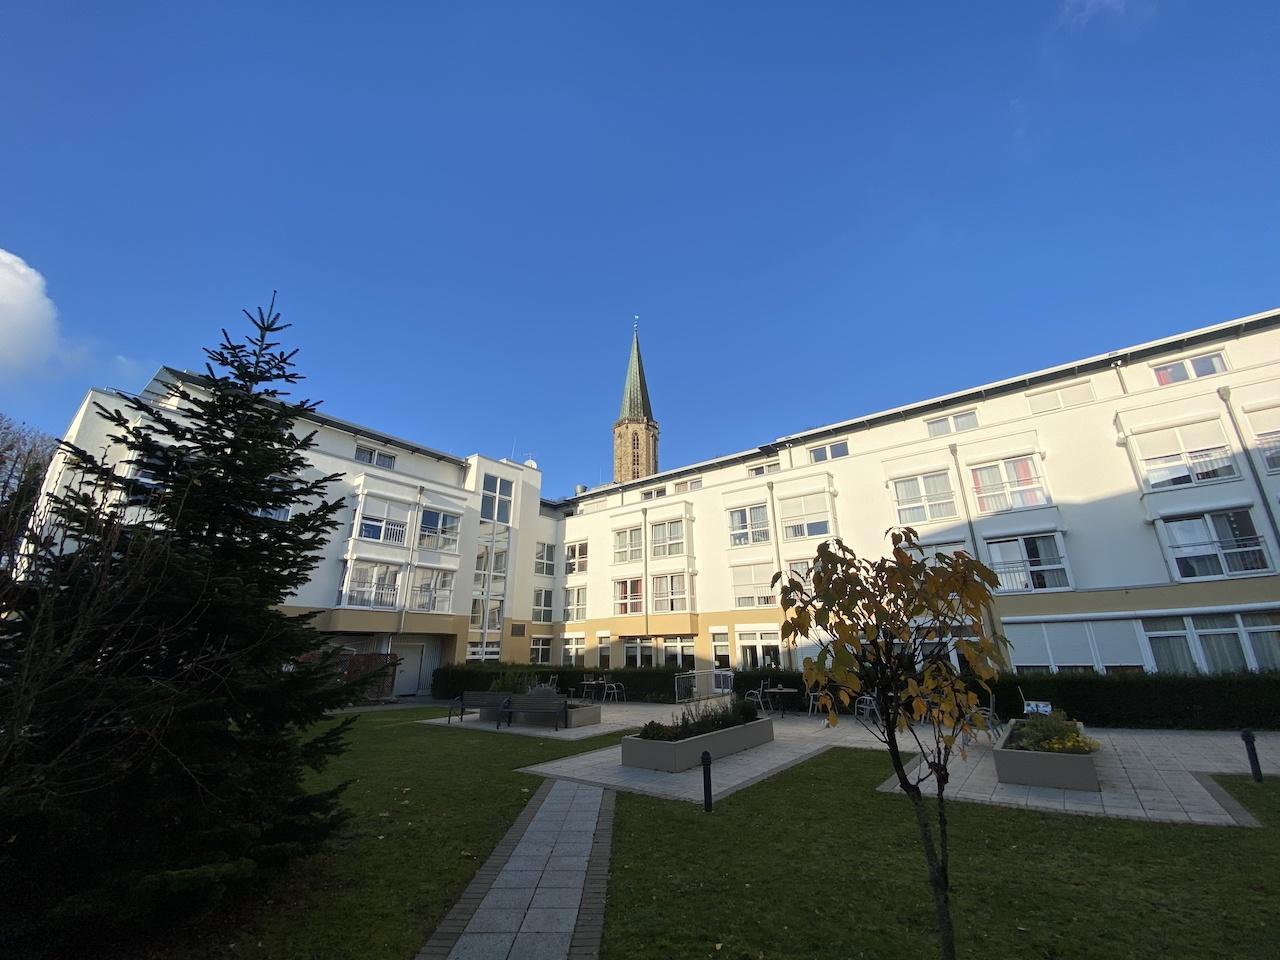 Foto des Patrizia-Pflegeheims in Dortmund